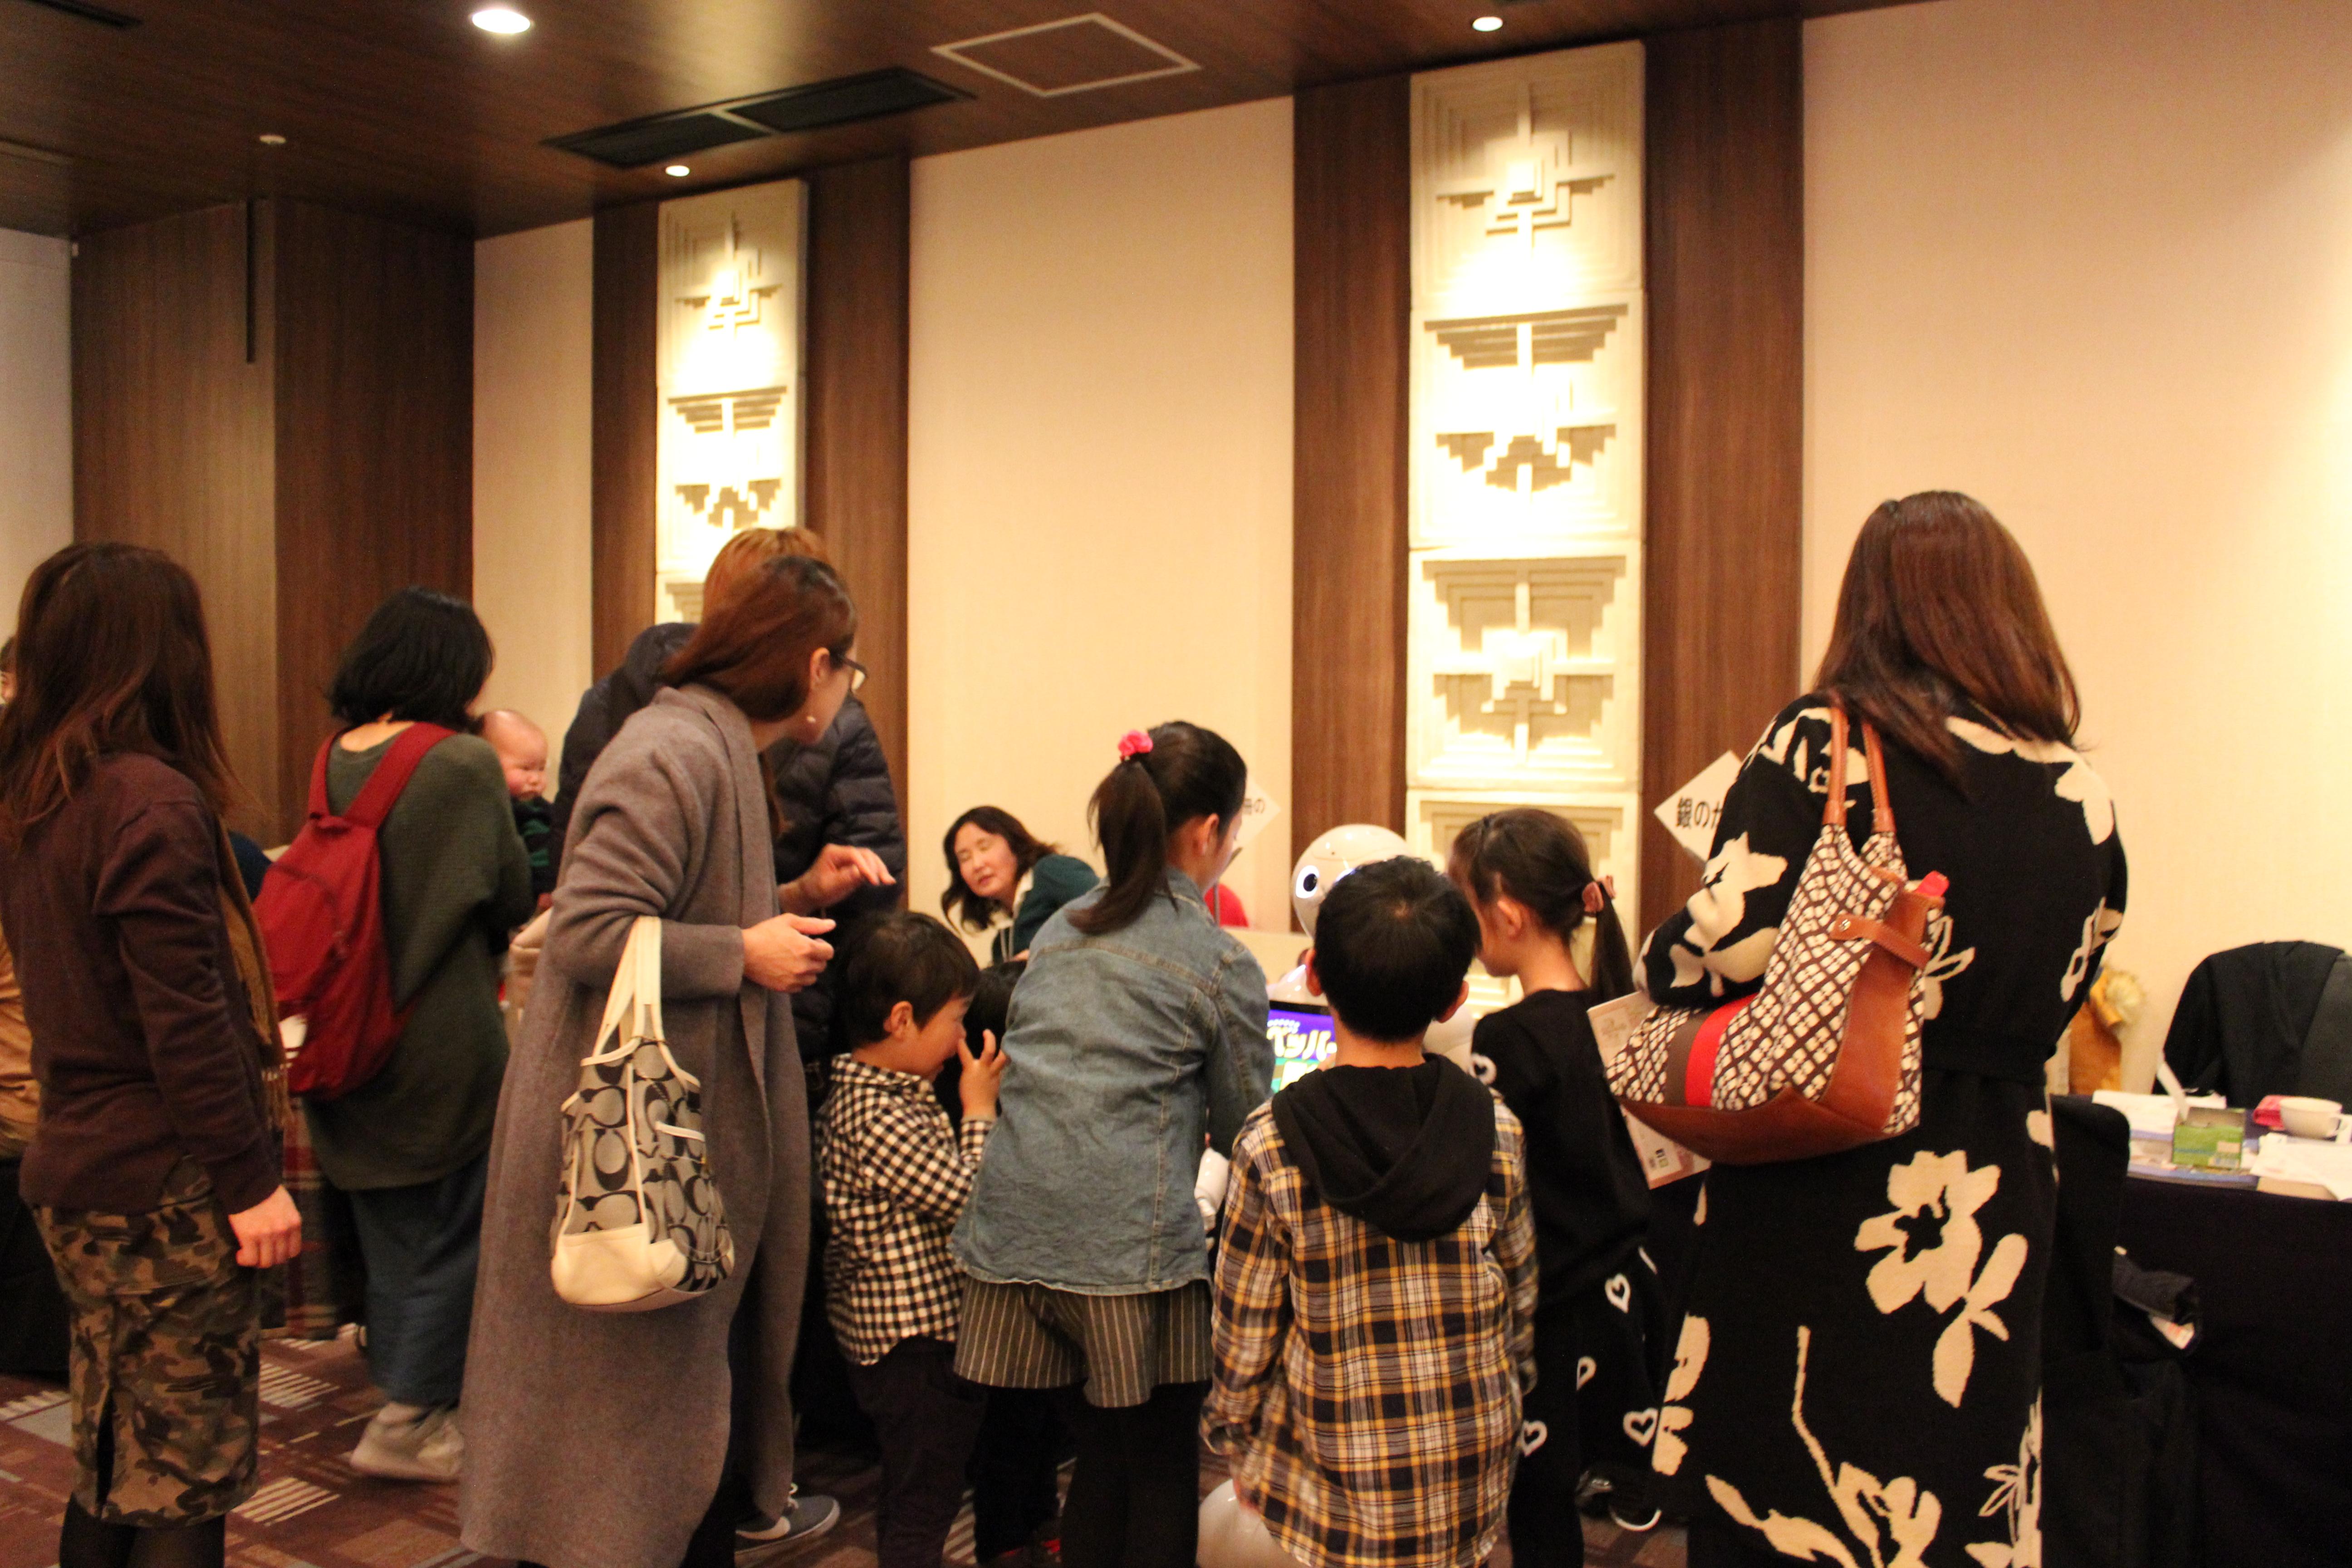 ホテル国際21のウェディングイベントに参加しました